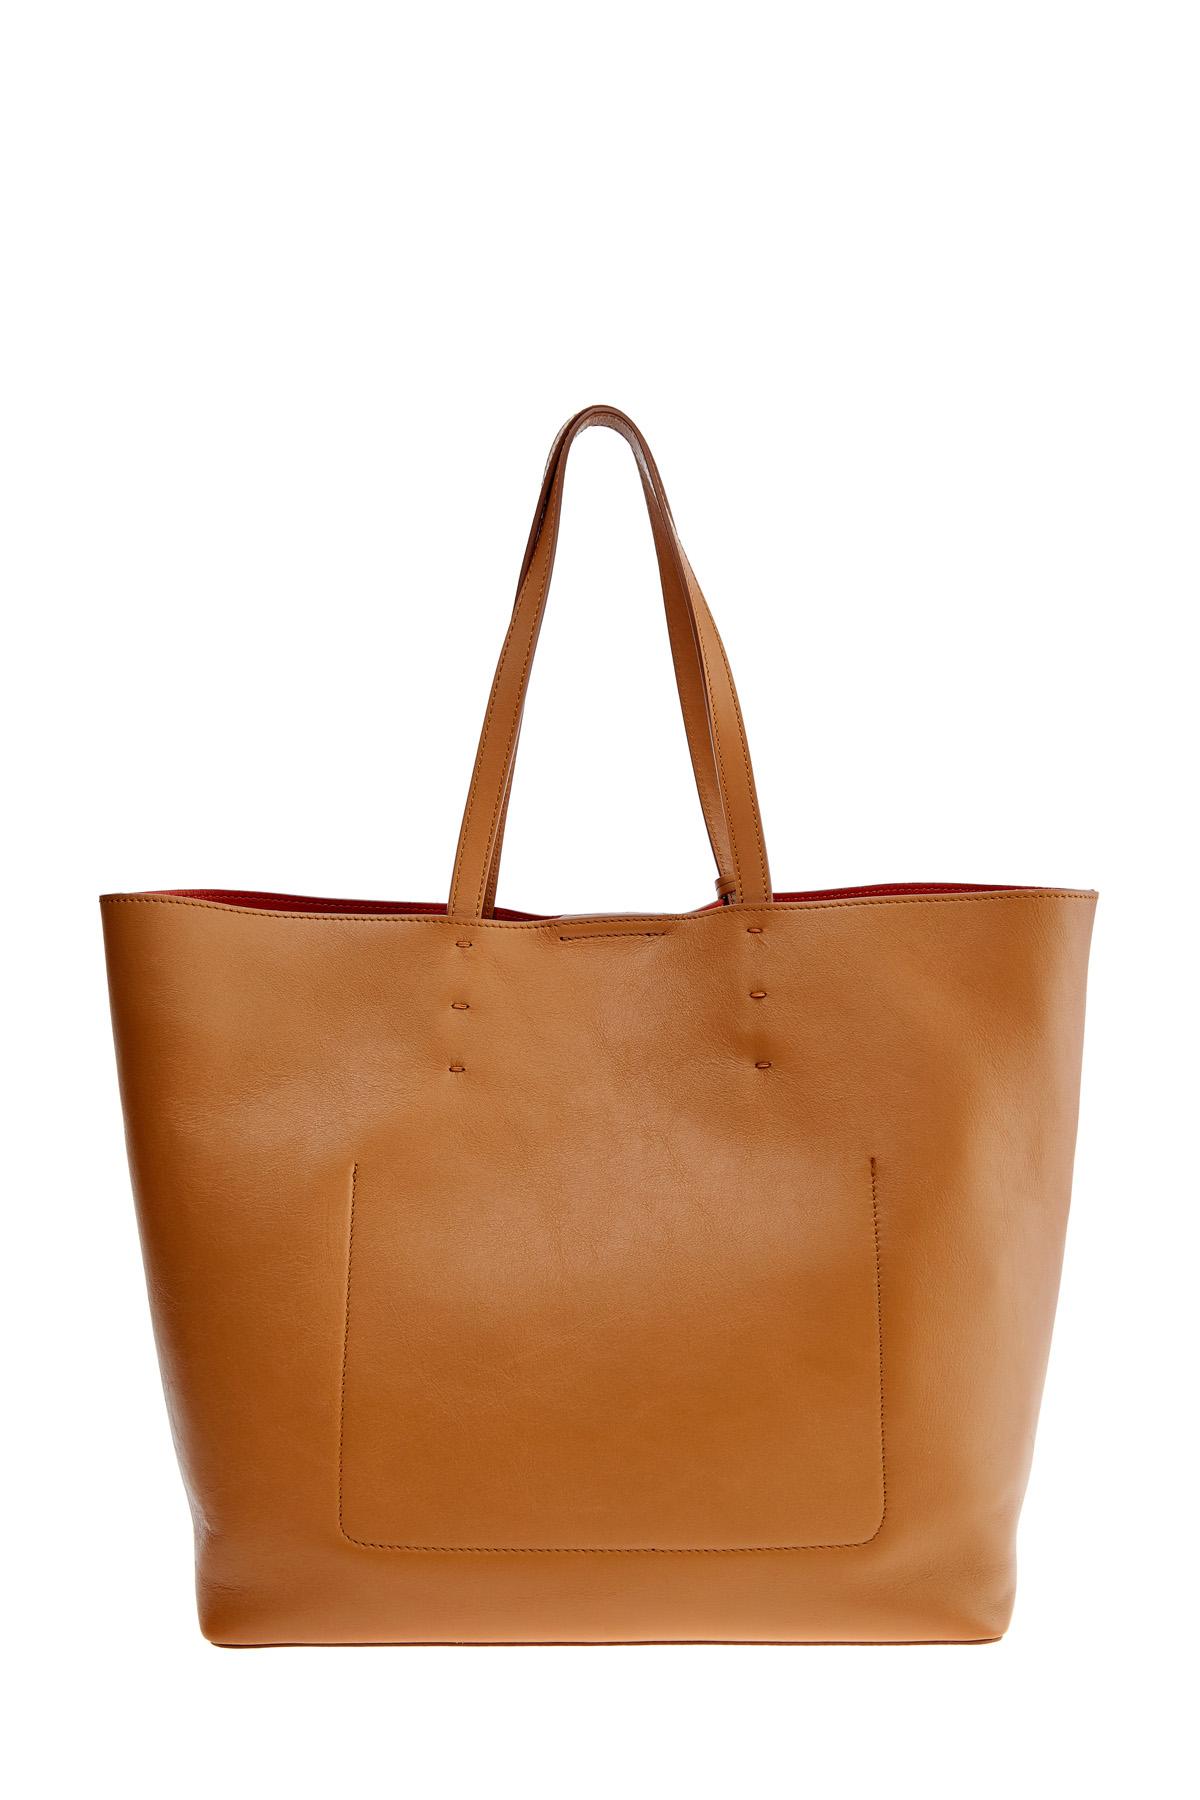 Вместительная сумка-тоут из матовой гладкой кожи с брелоком-кистью SANTONI 1822ba c70 Фото 5